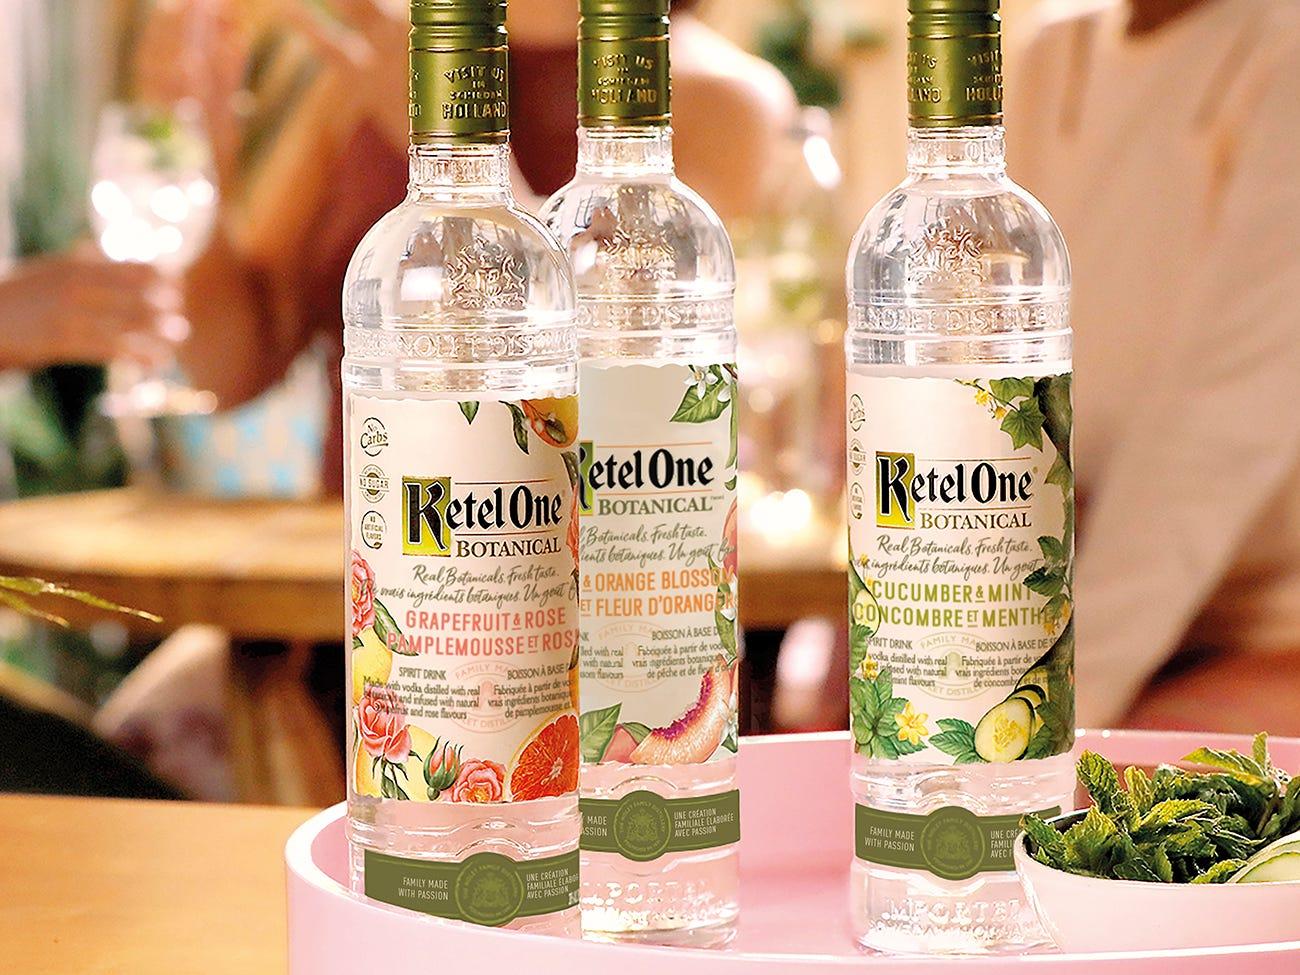 3 bouteilles de Ketel One Botanical